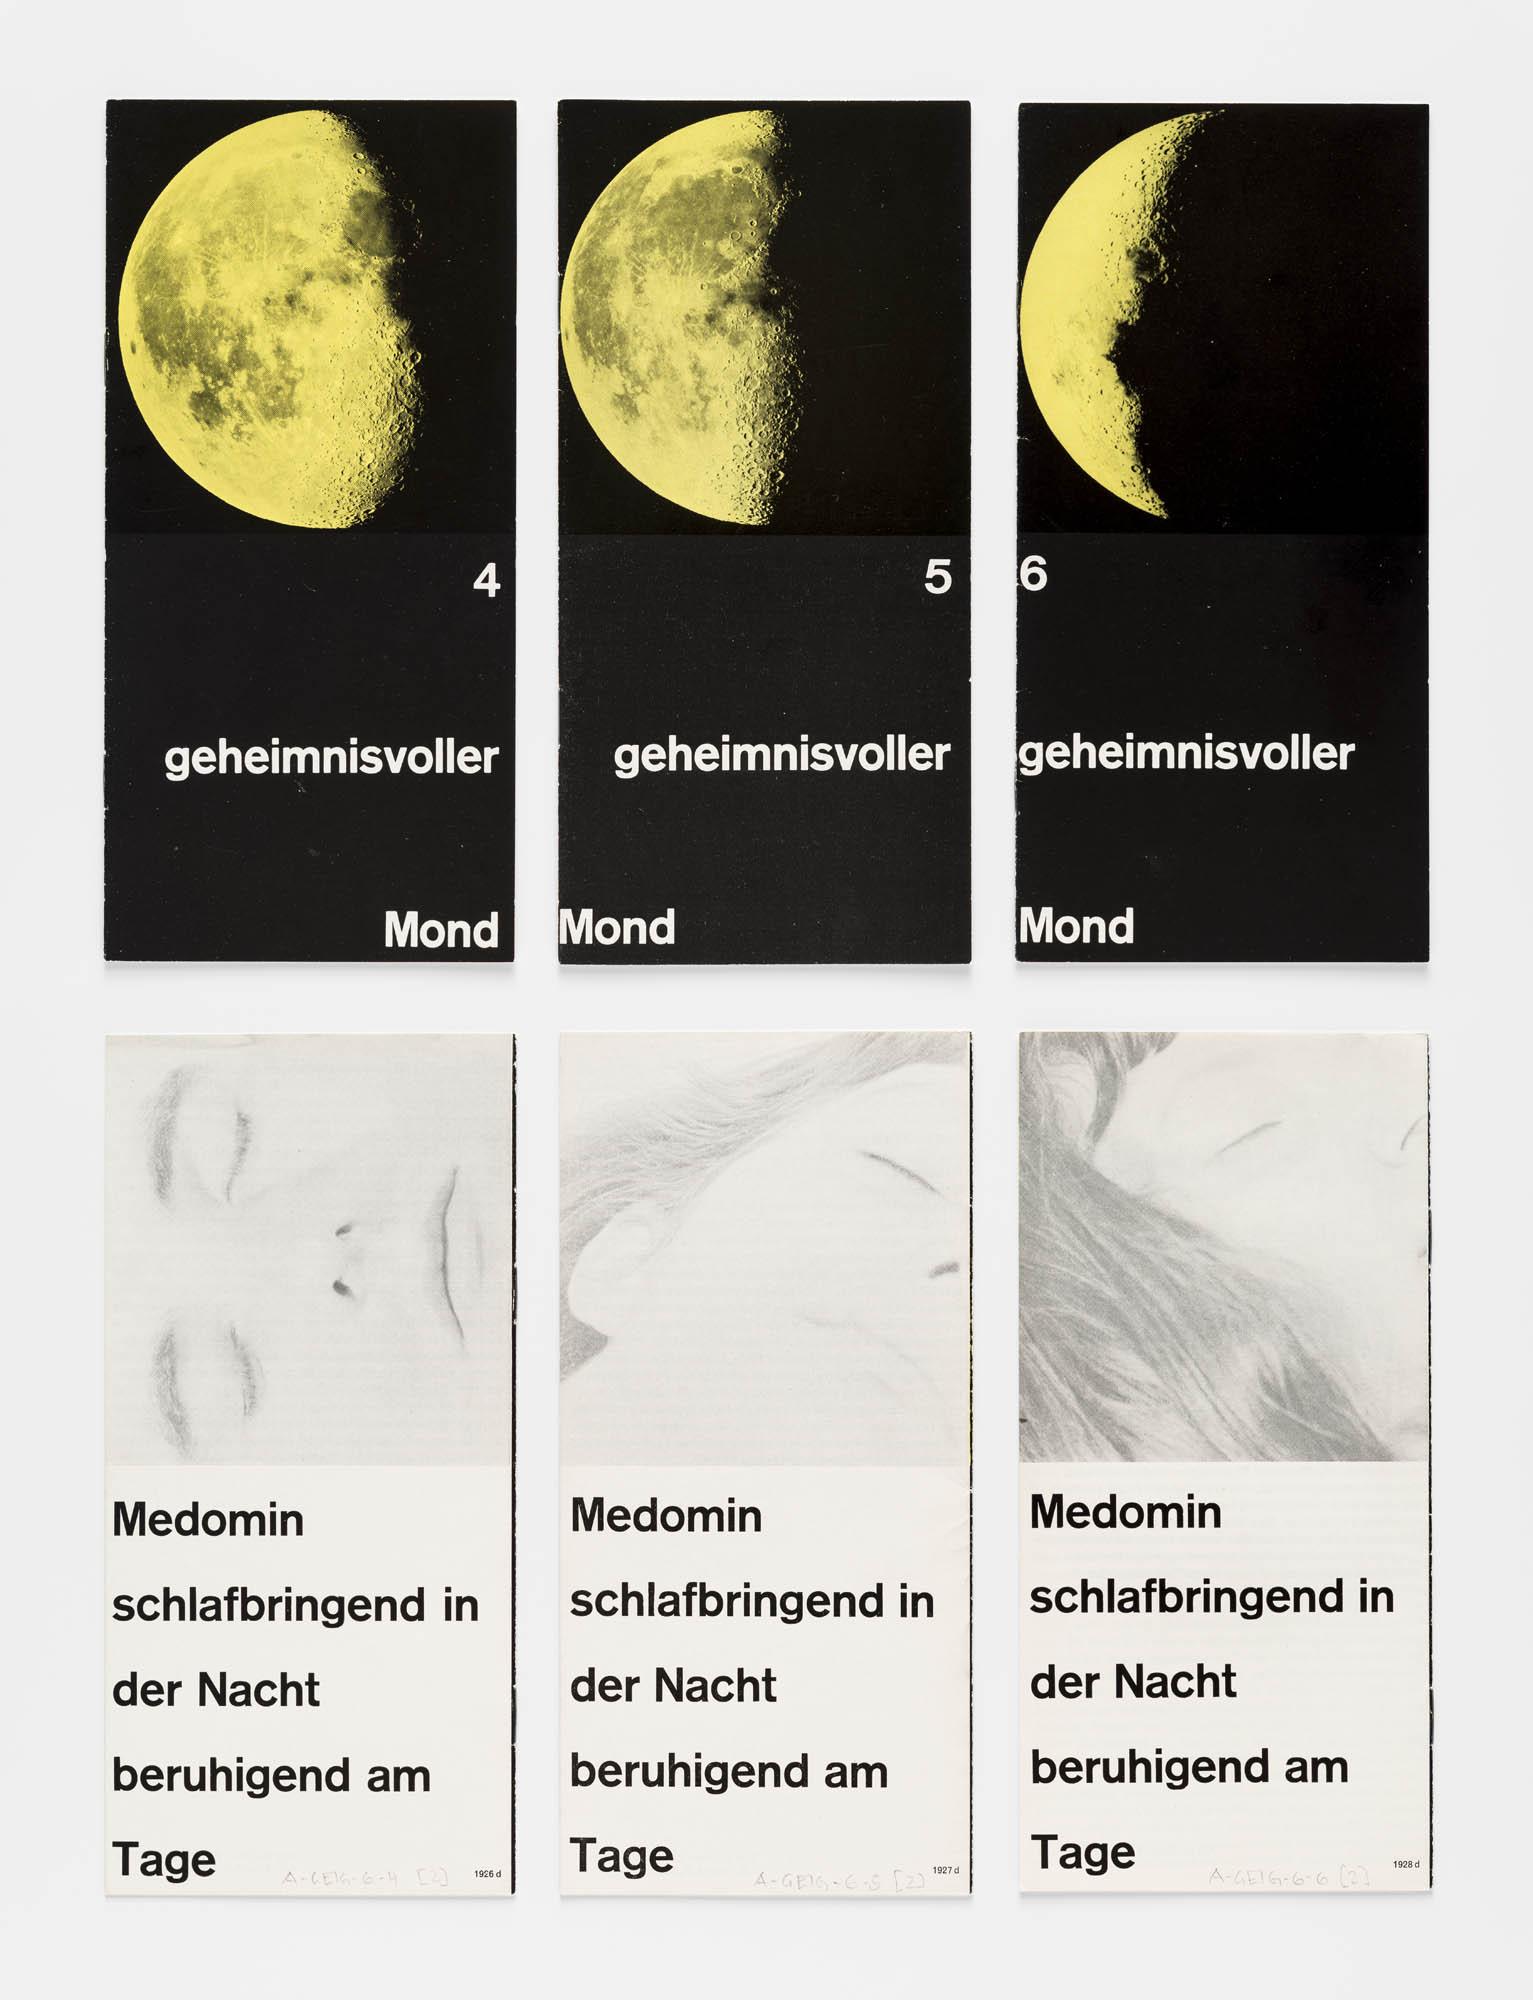 Geheimnisvoller Mond 1 – Medomin schlafbringend in der Nacht beruhigend am Tag Gérard Ifert Advertising brochure